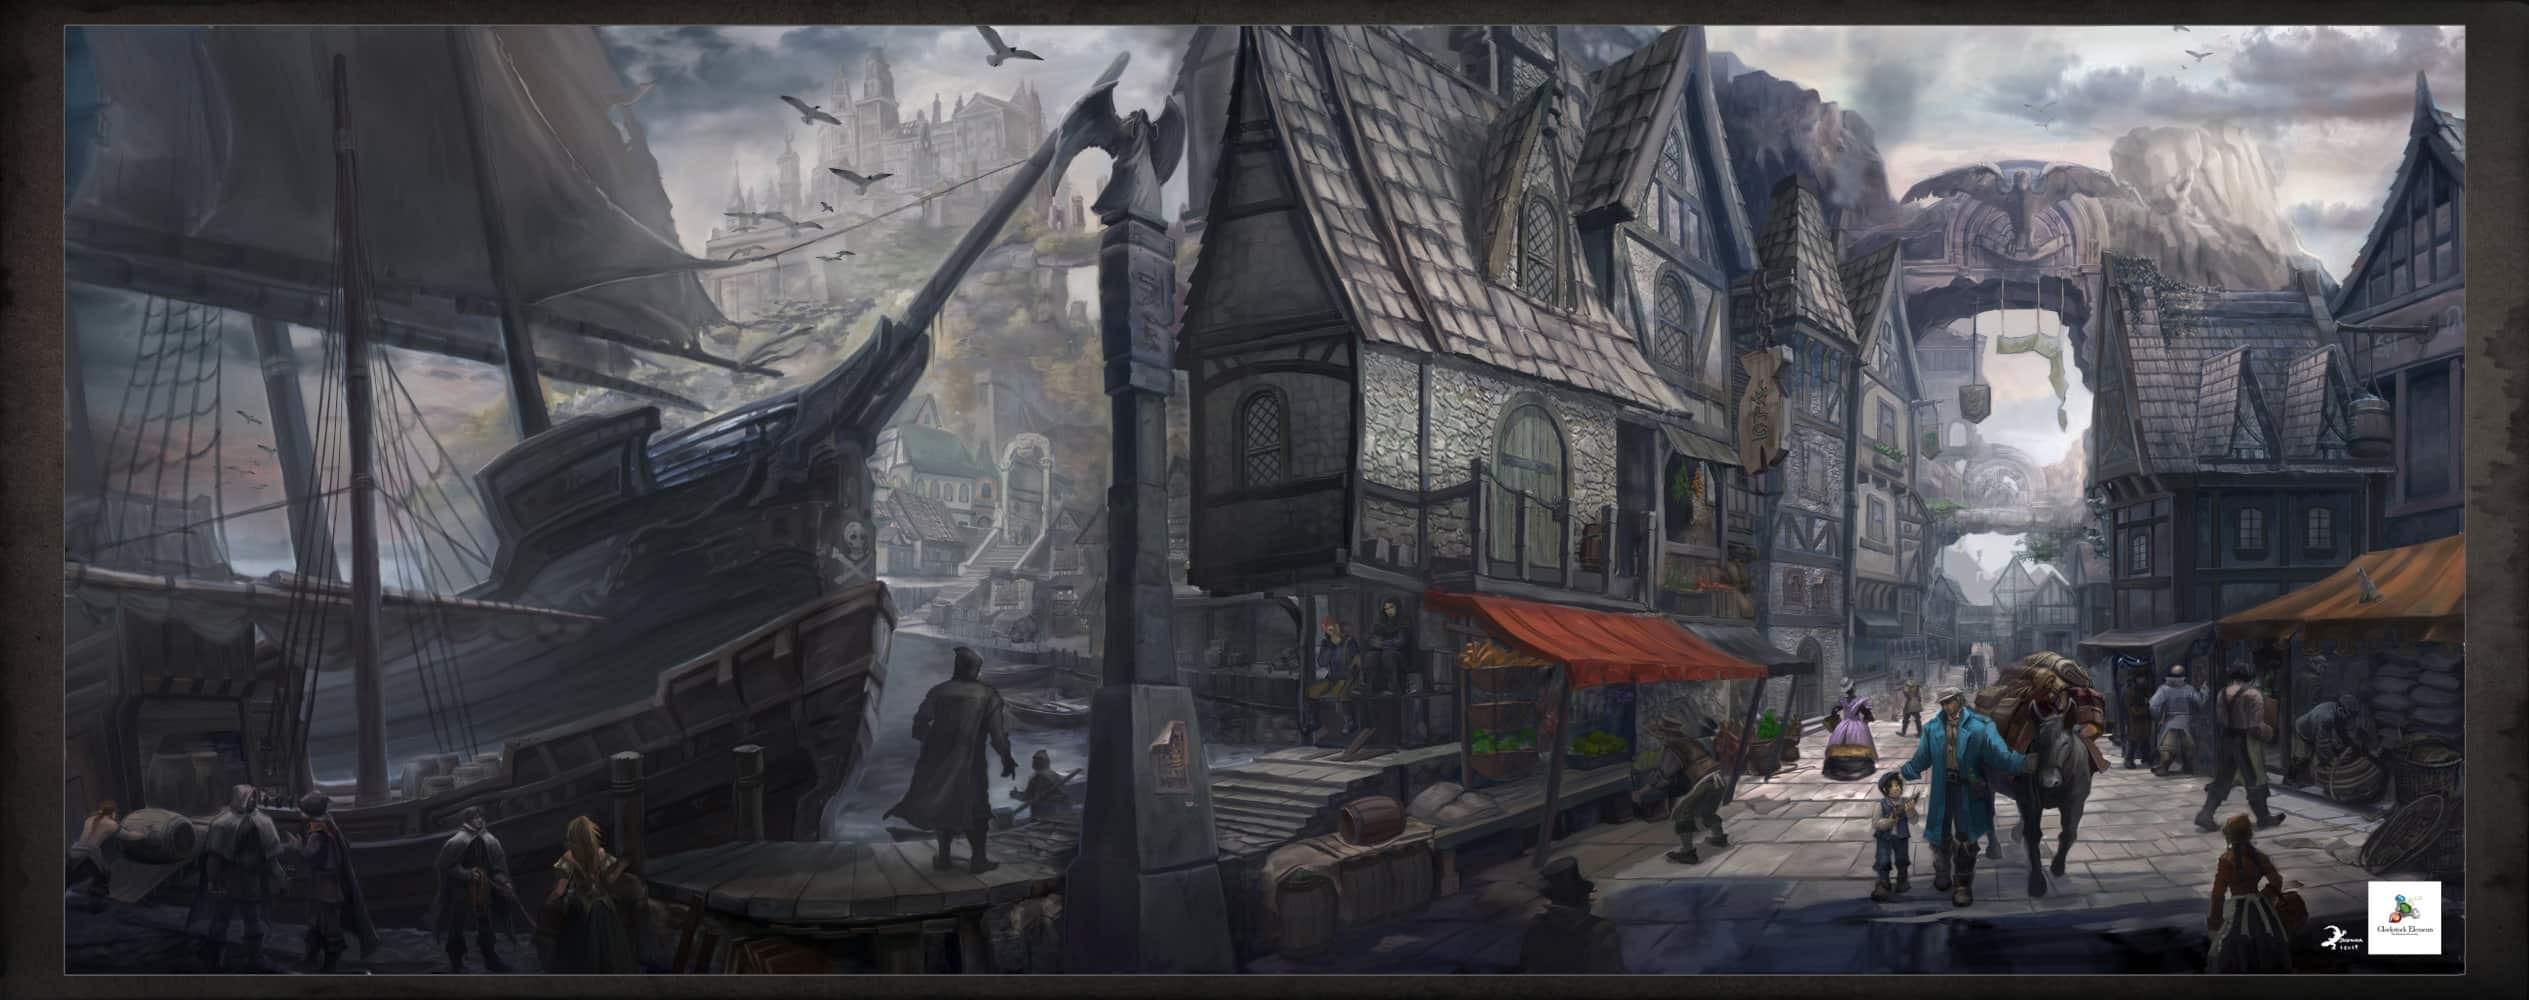 pirate_docks